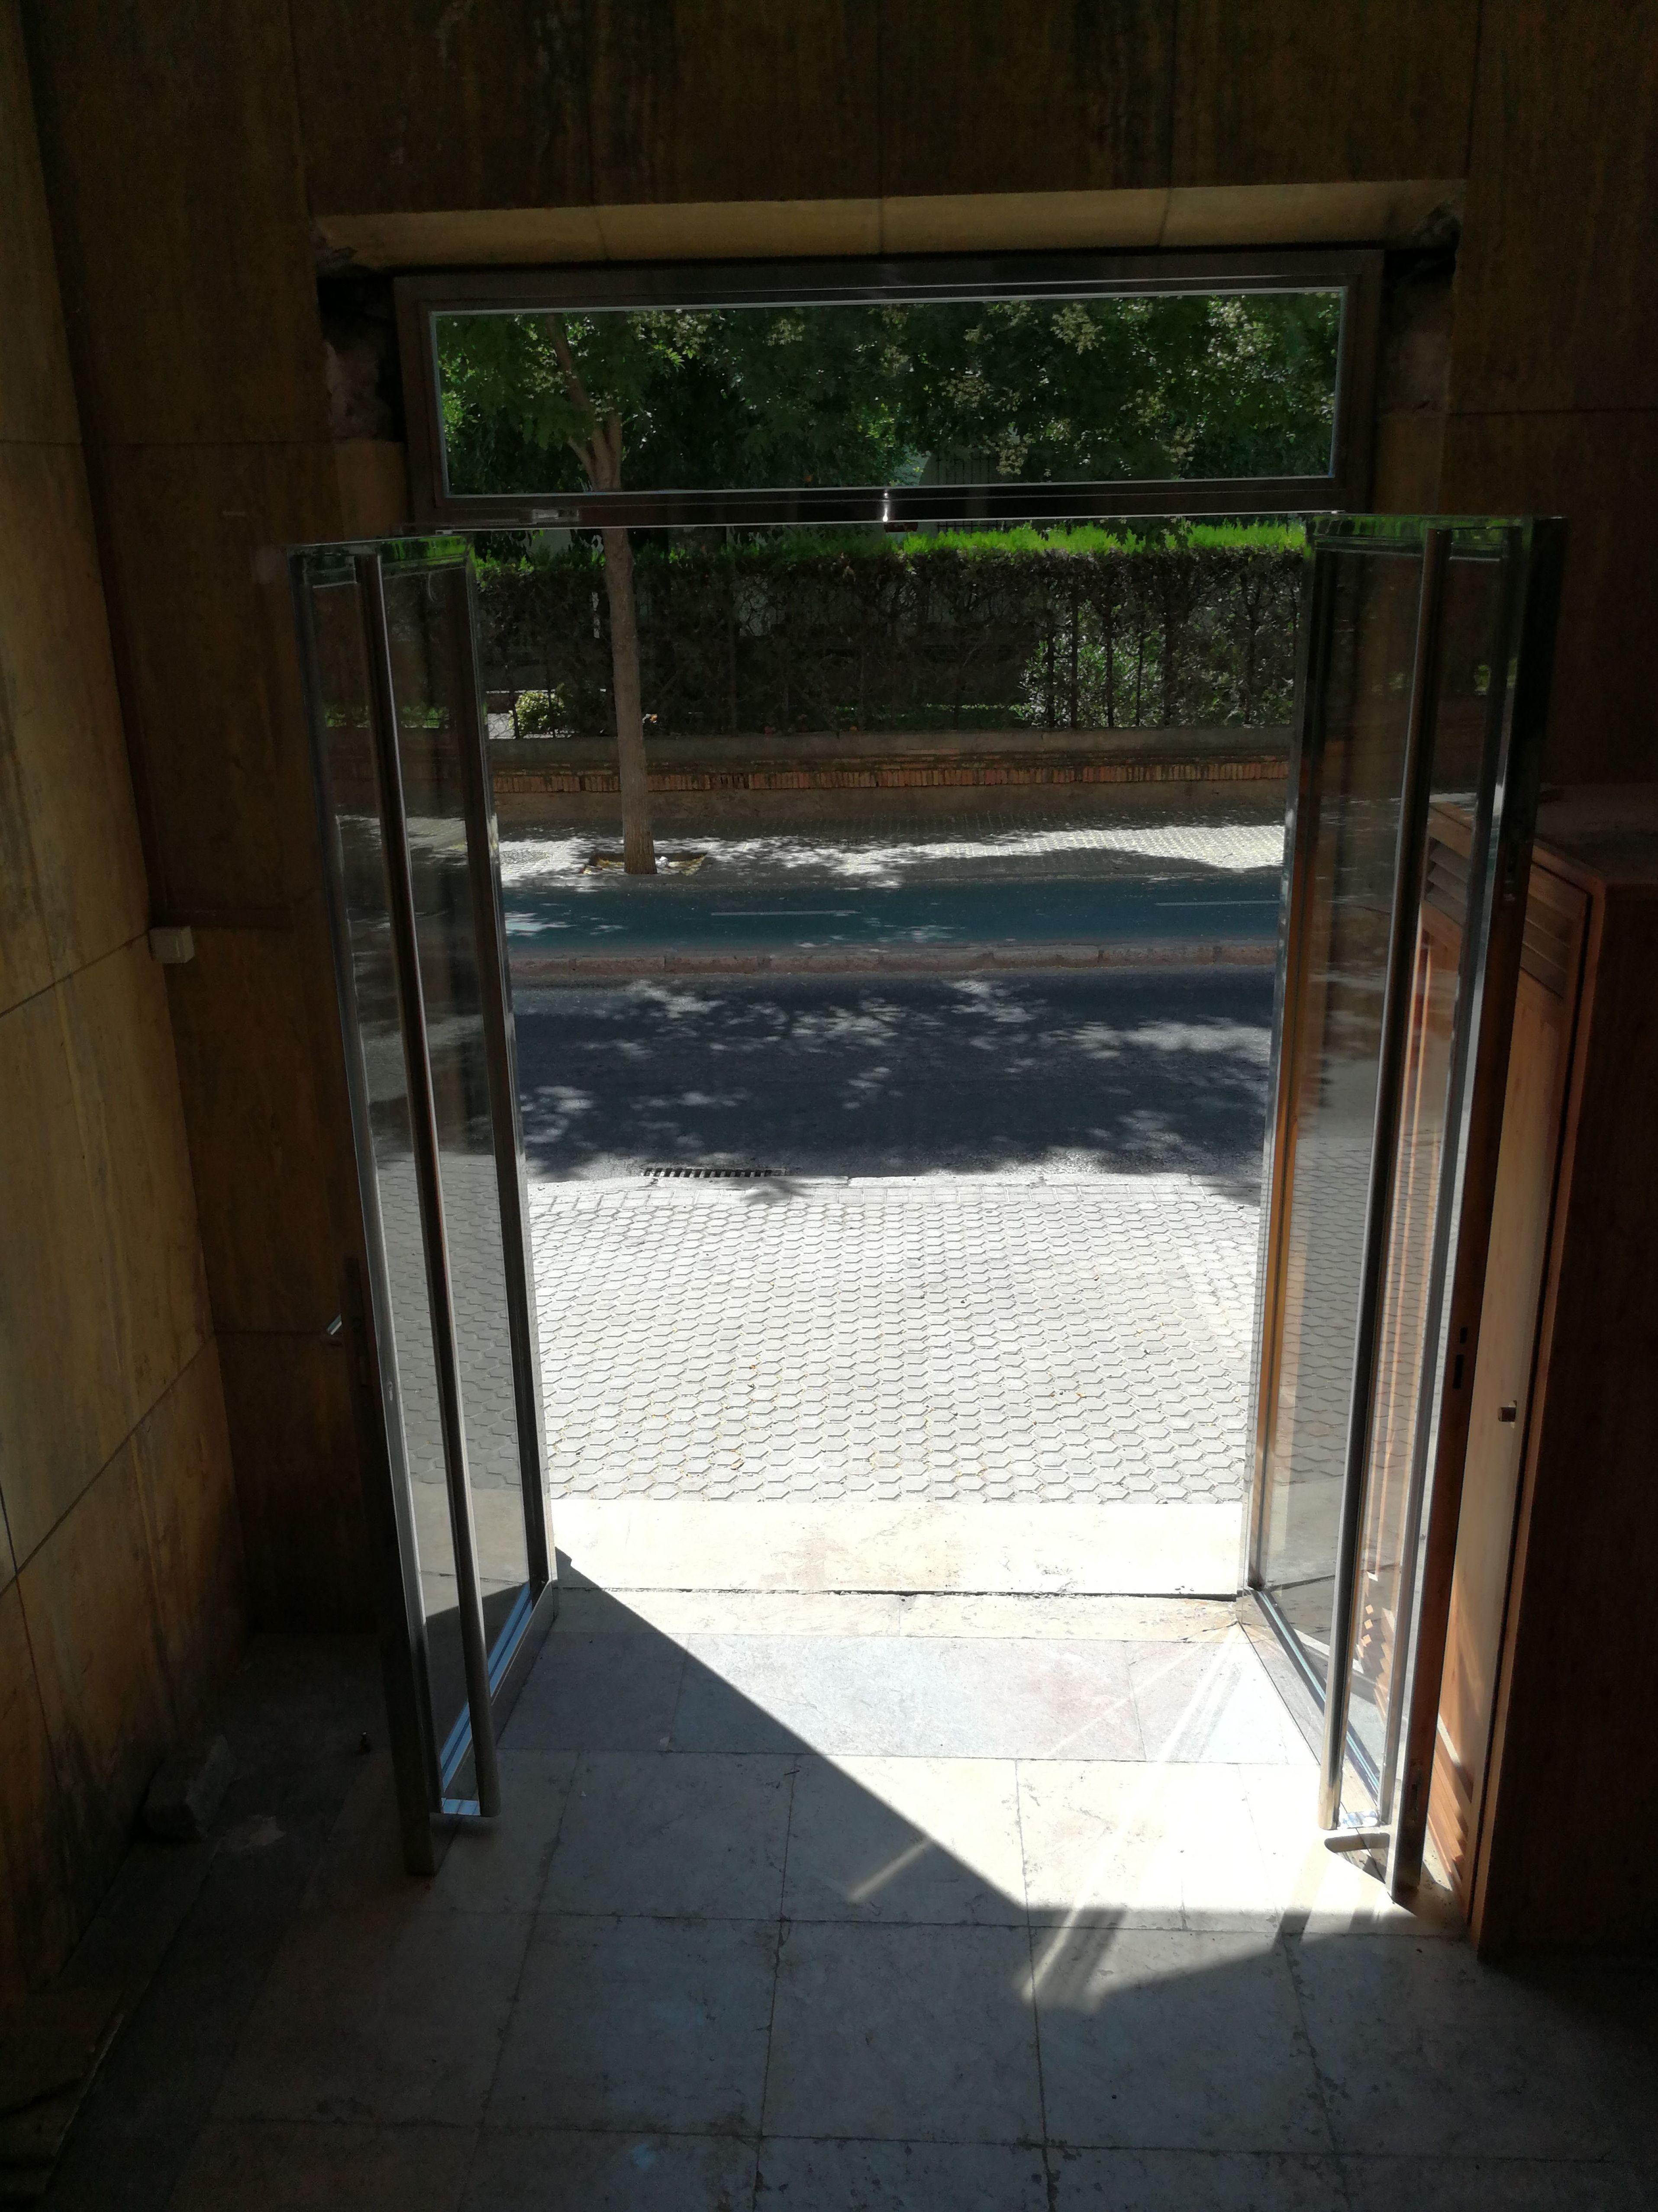 Foto 143 de Especialistas en diseños y proyectos en acero inoxidable en Alcalá de Guadaíra | Icminox